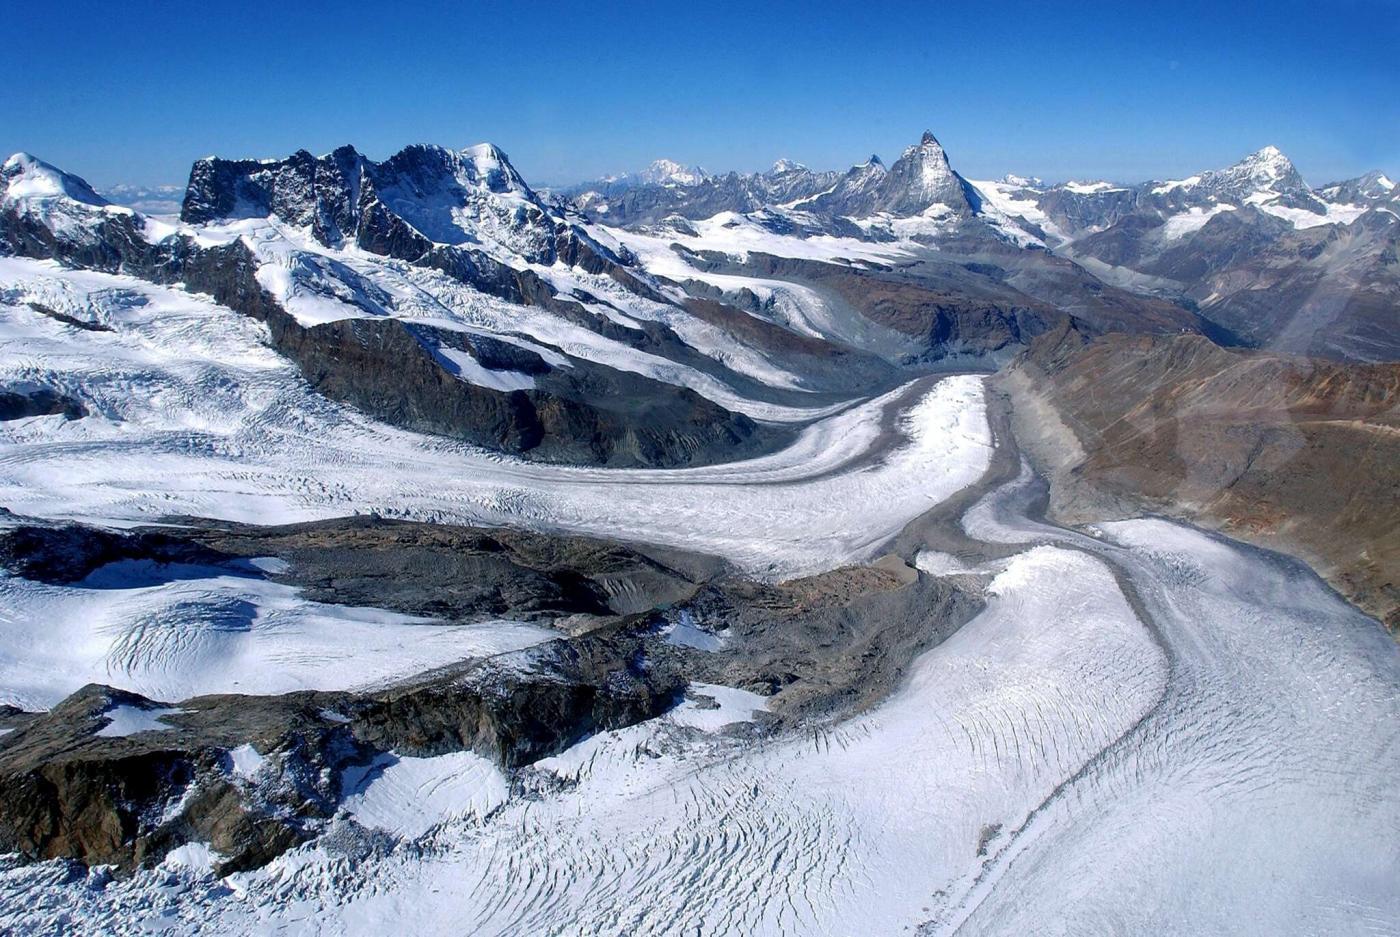 La calda estate dei ghiacciai alpini